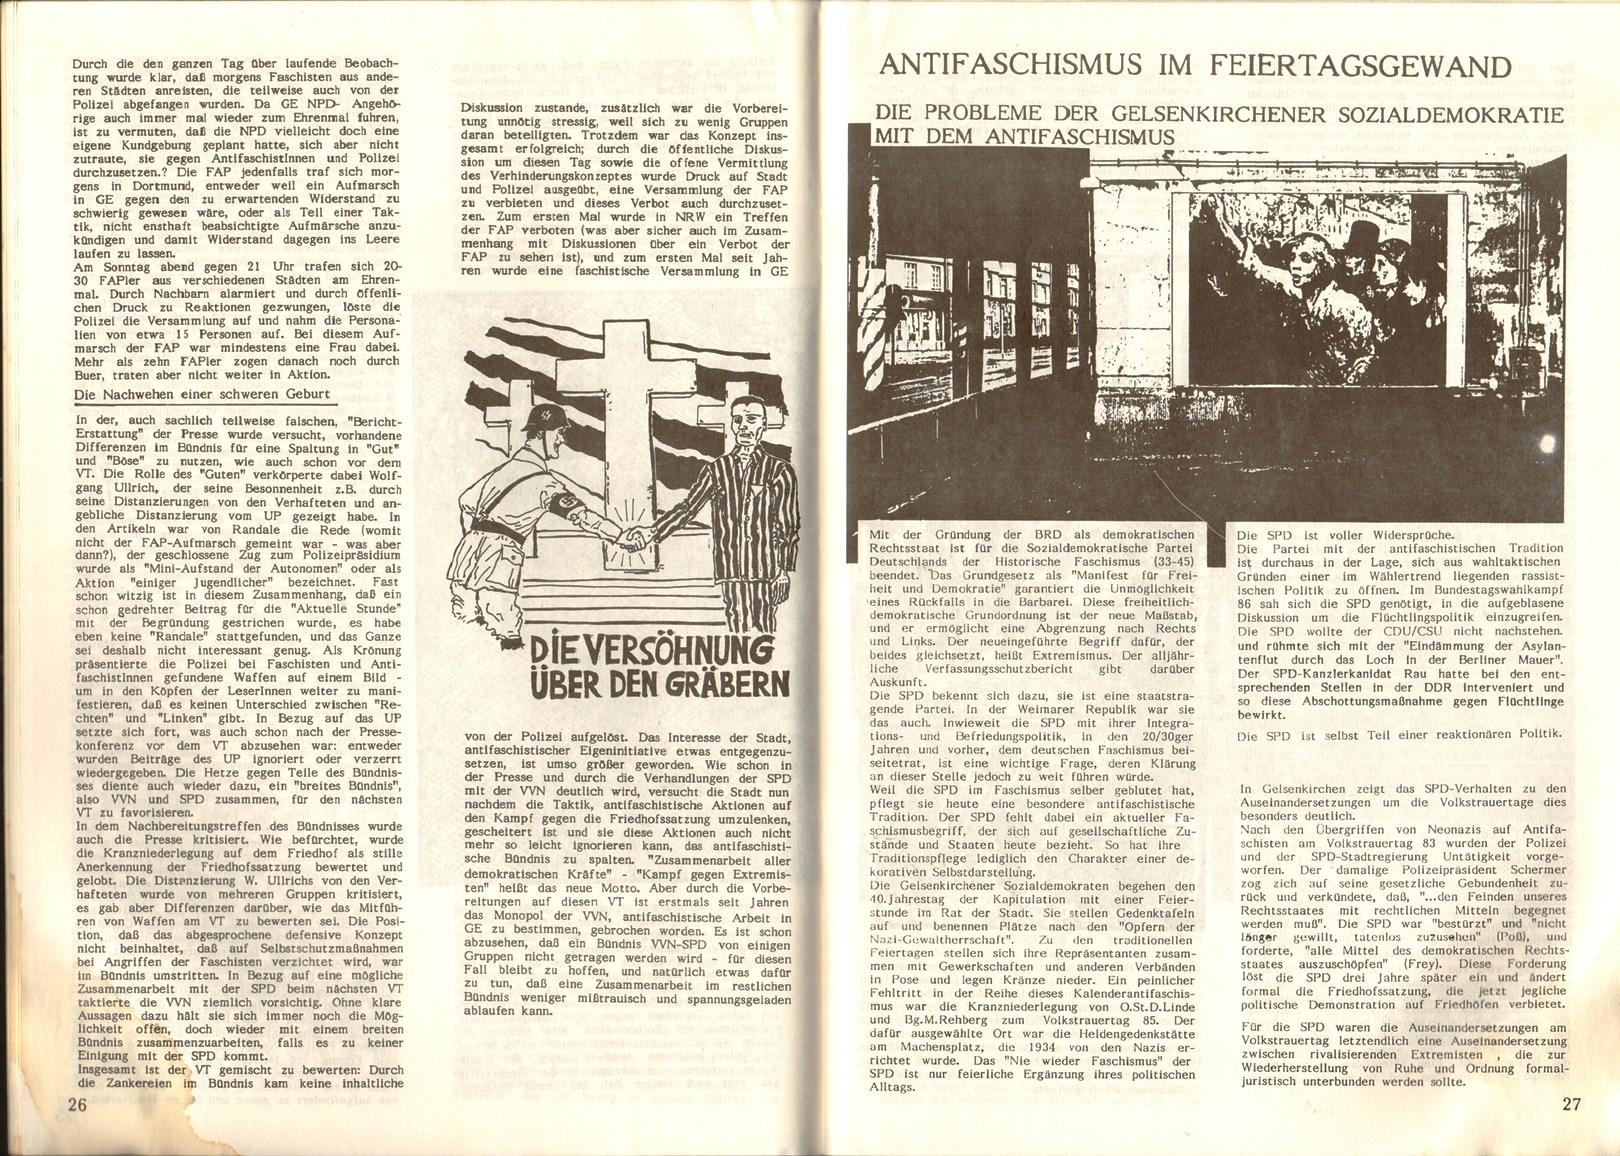 Gelsenkirchen_Zukunft_Vergangenheit_1988_14